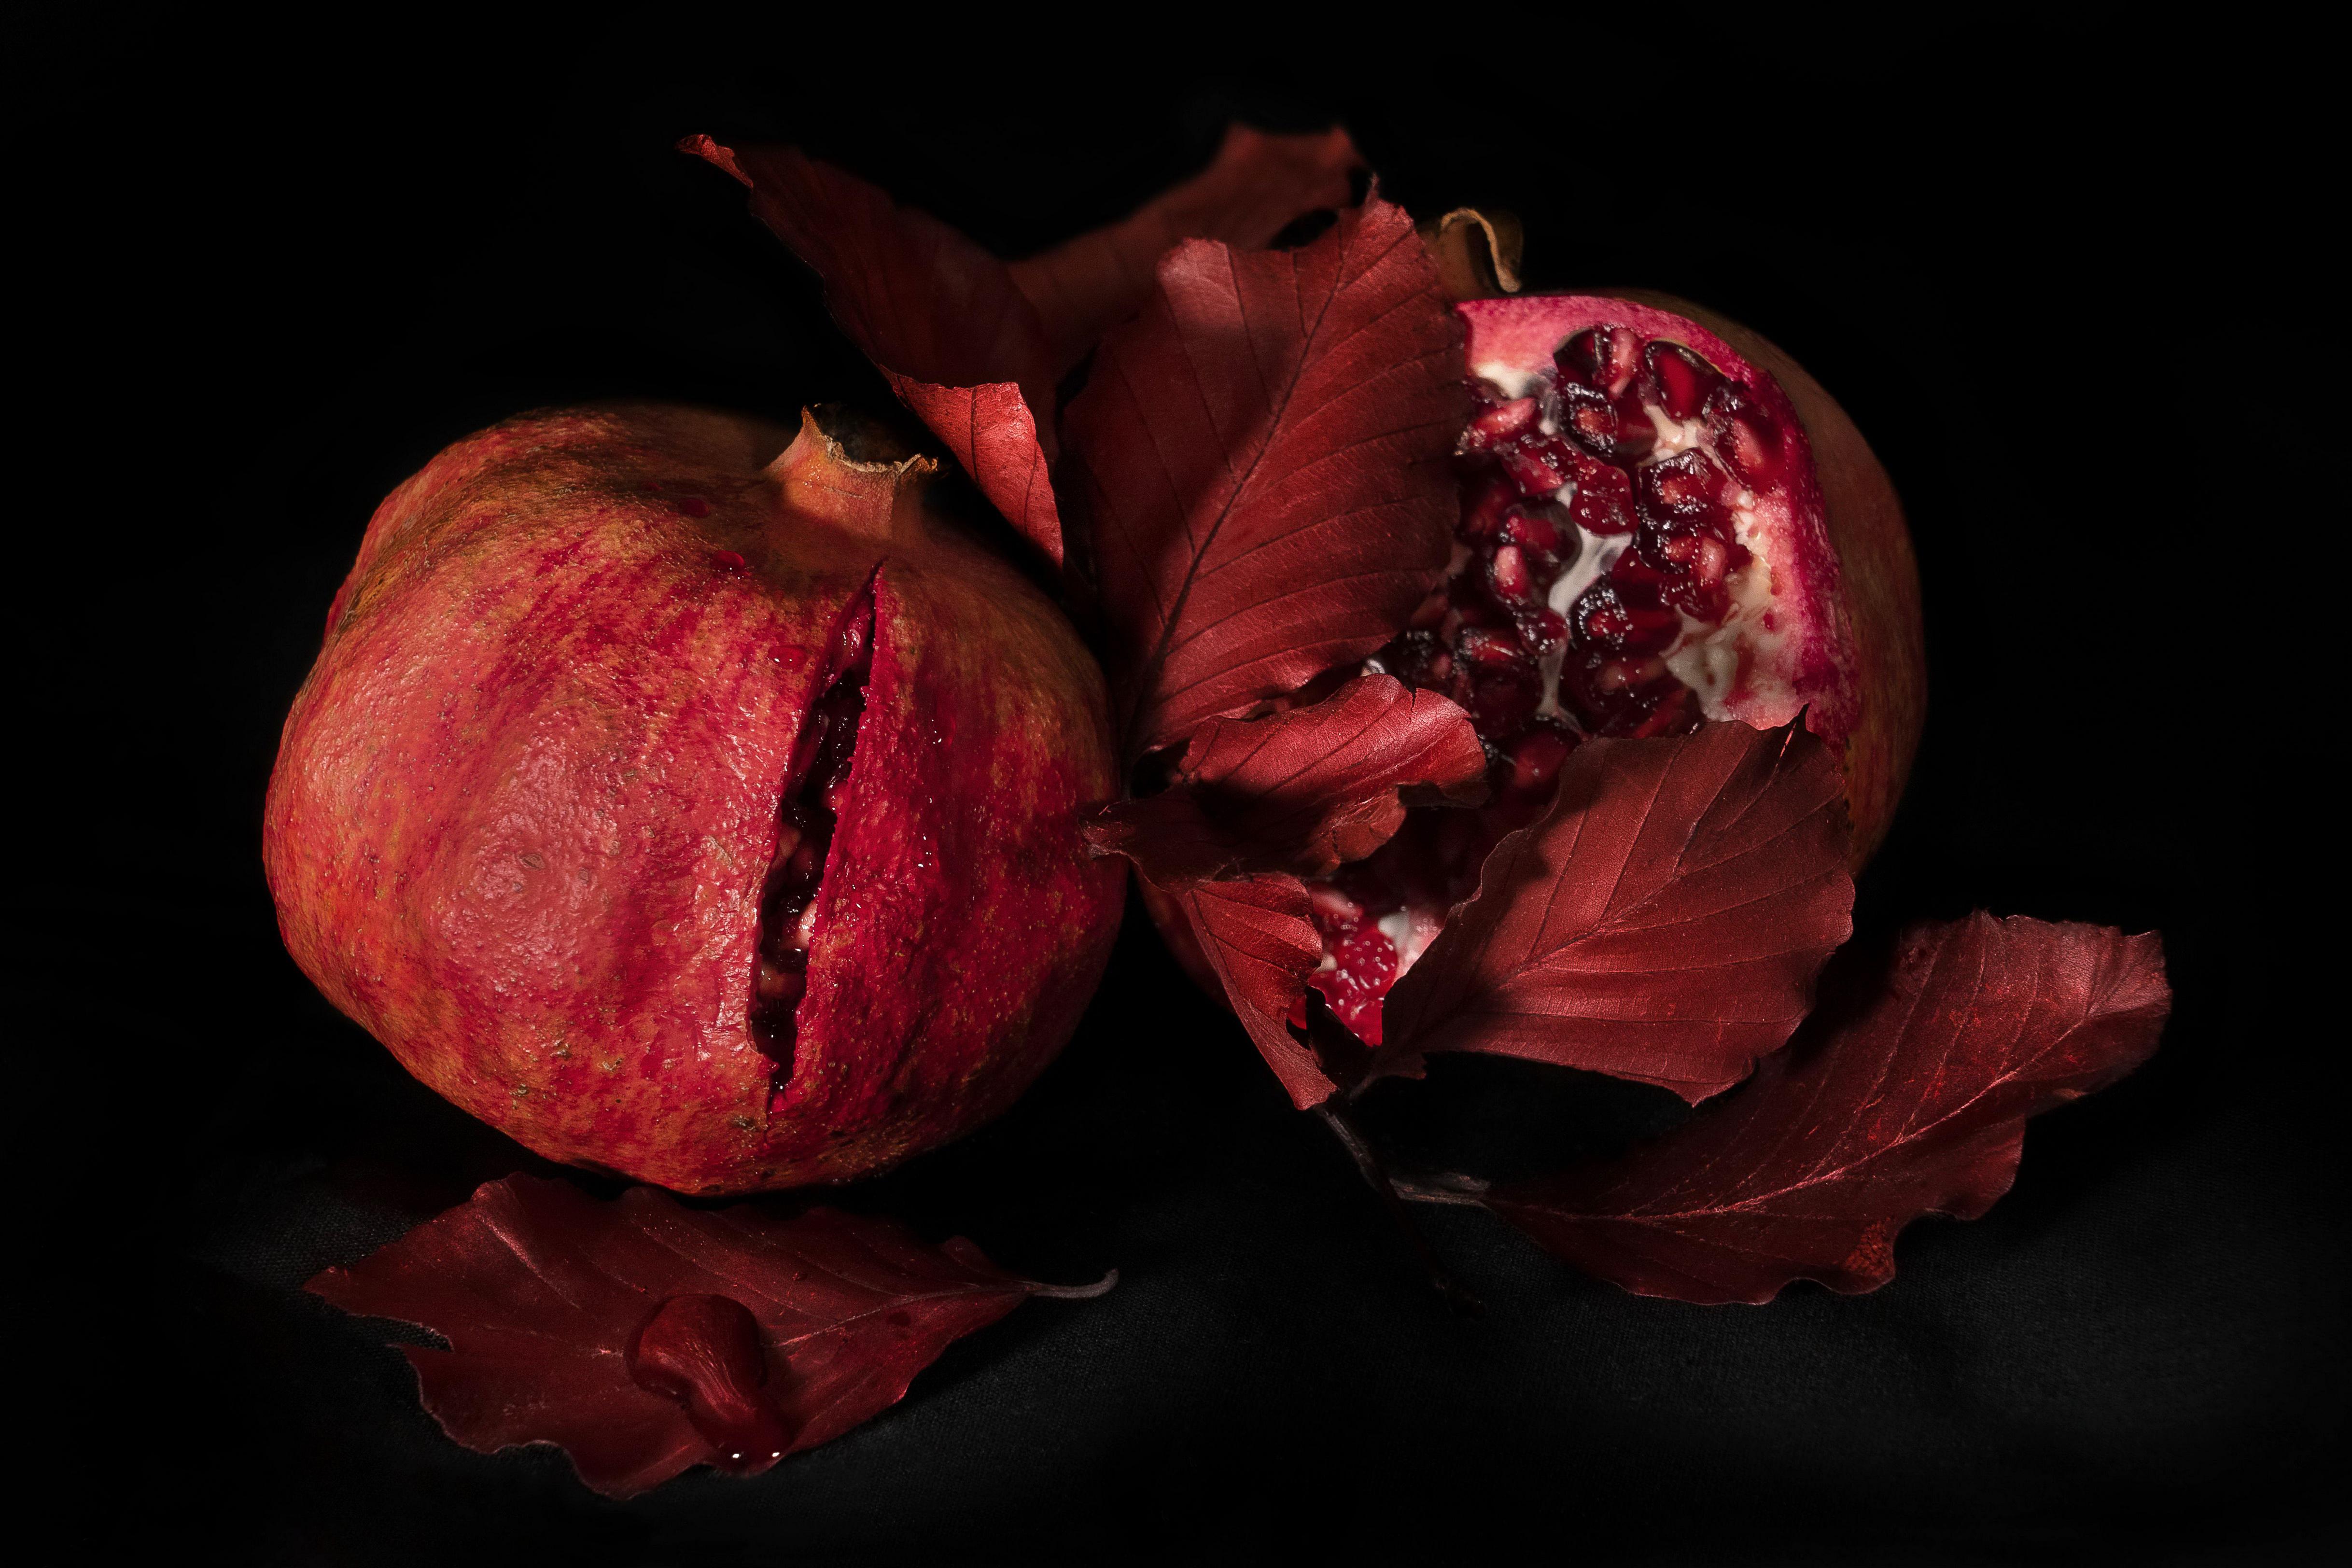 картинки красные фрукты на черном фоне только гамаюнов его